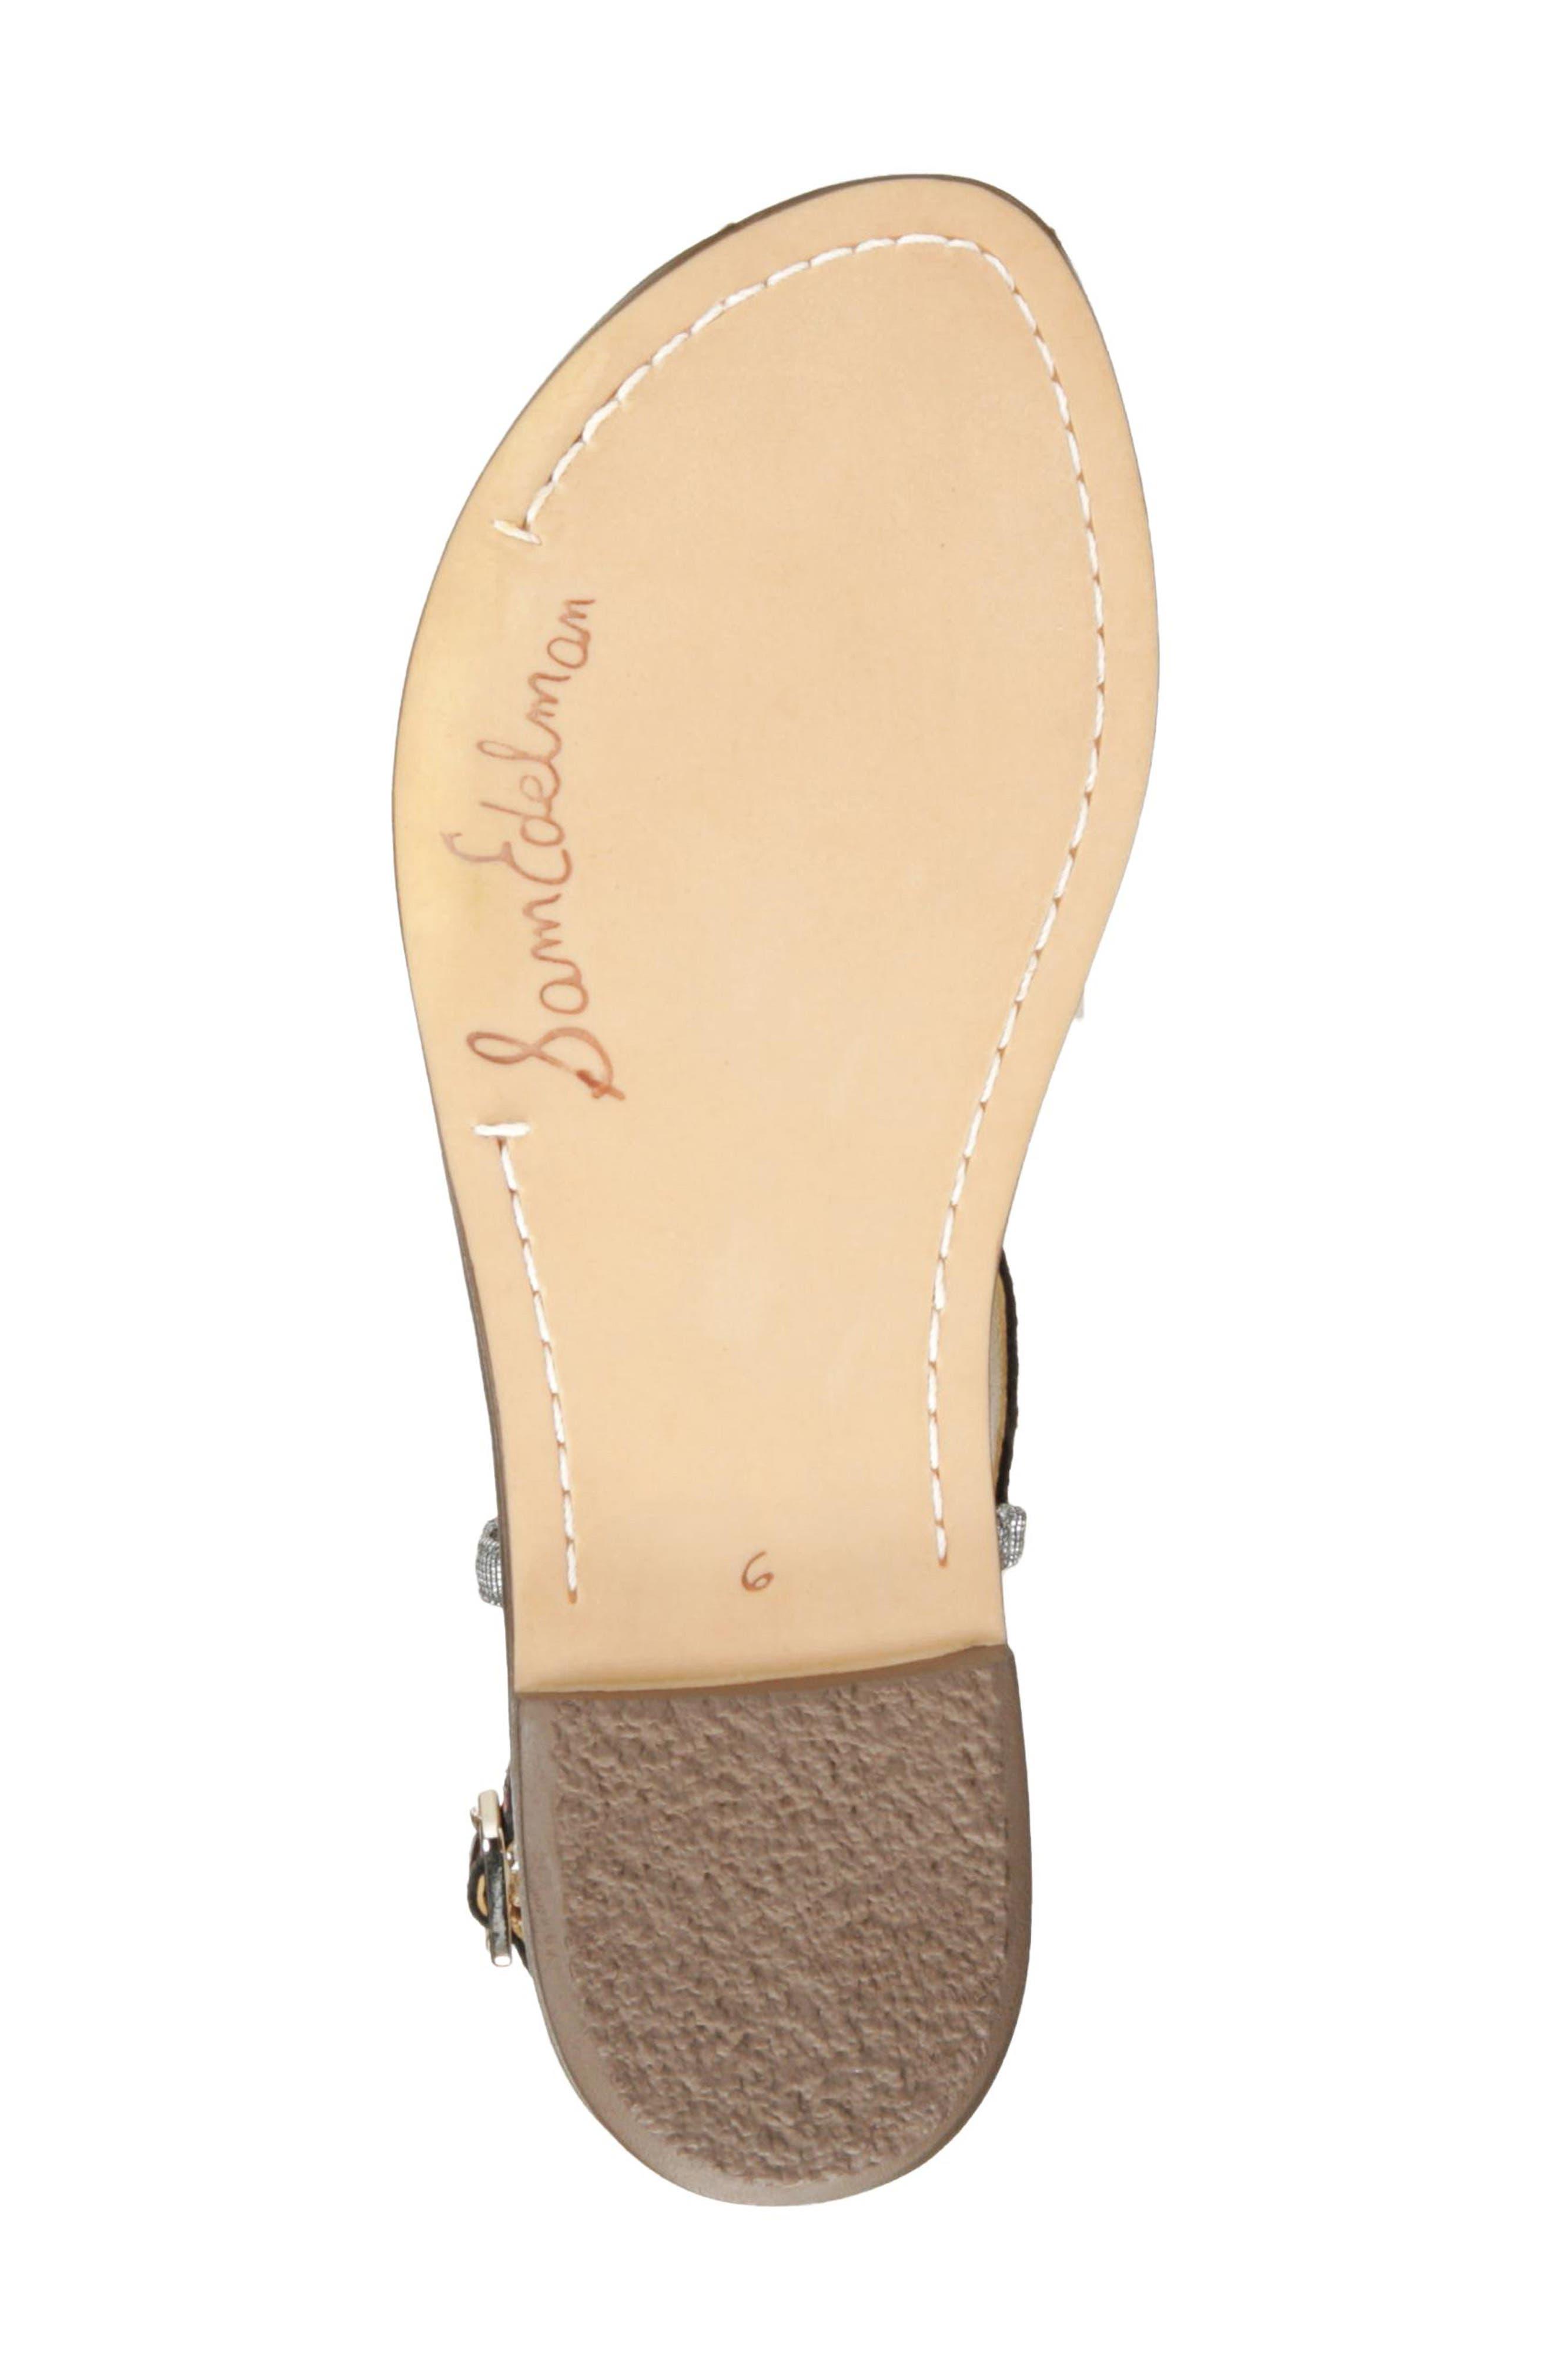 Gigi Genuine Calf Hair Sandal,                             Alternate thumbnail 4, color,                             Golden Yellow Multi